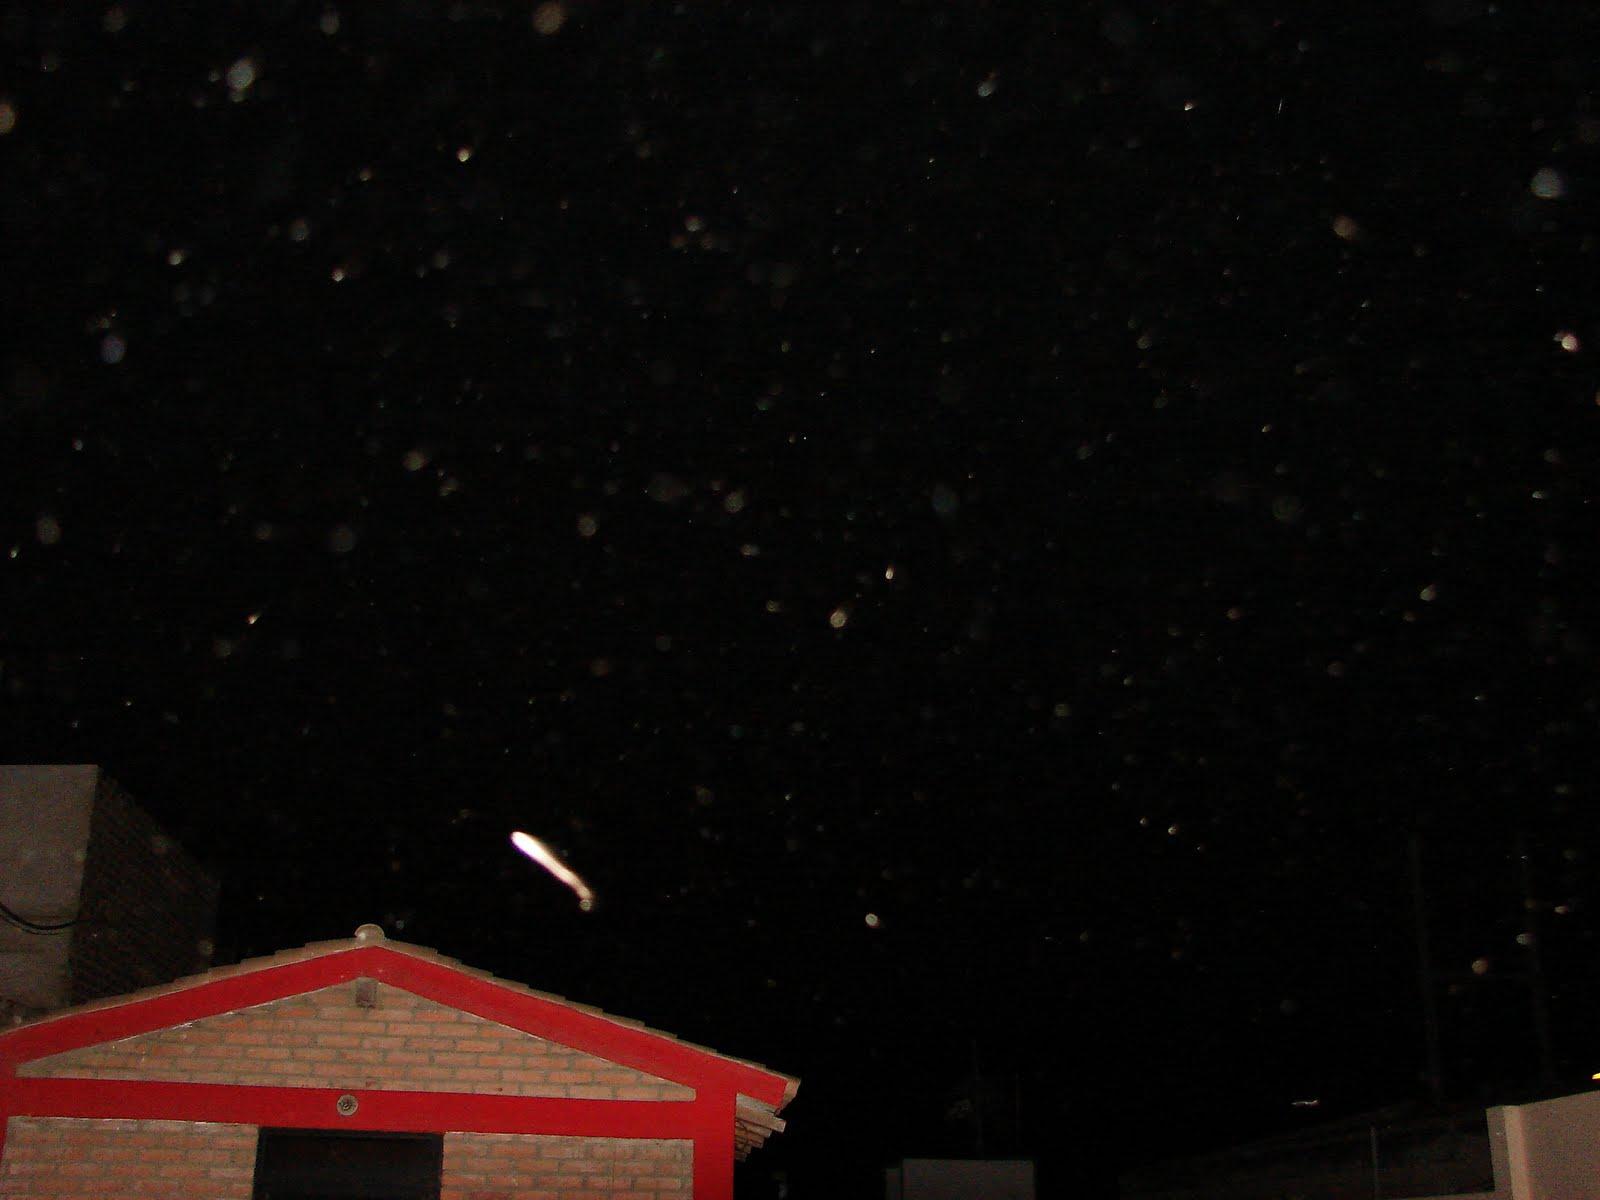 ATENCION--2-3-4-5-6-7...2011 ovni alargado DFE COLORES EN MI CASA SEC...UFO...